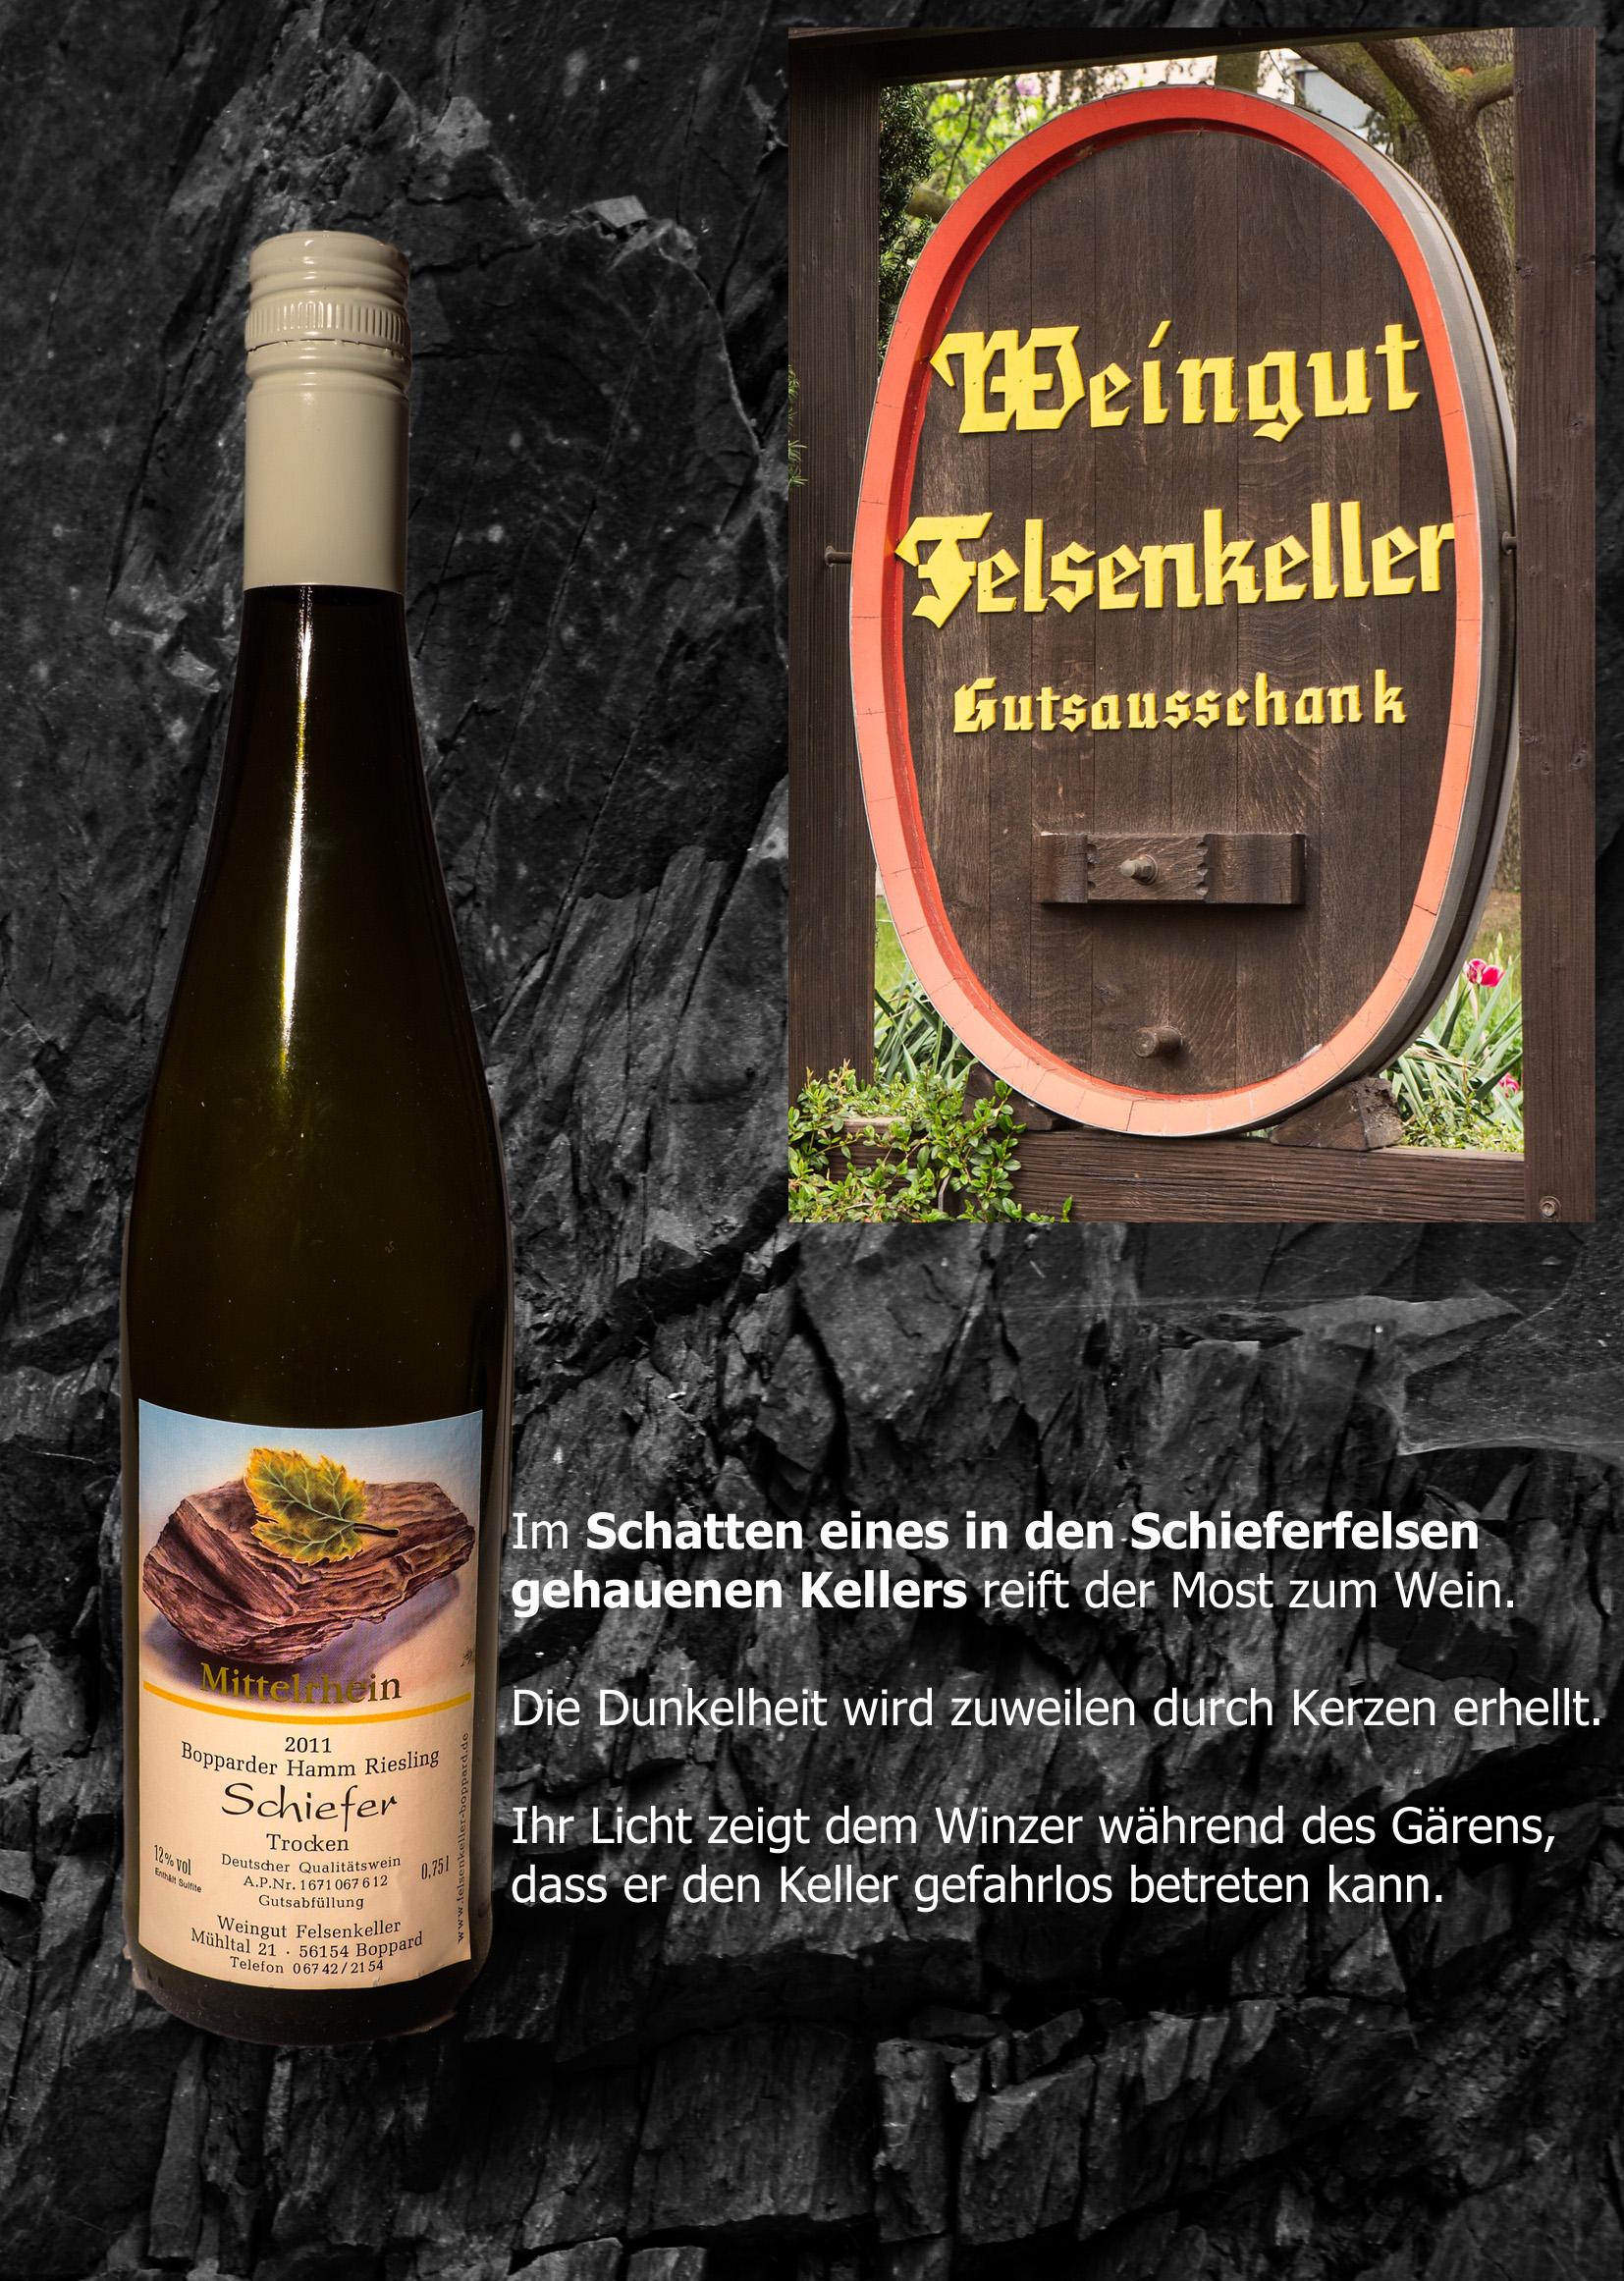 Im Schatten des Kellers reift der Wein